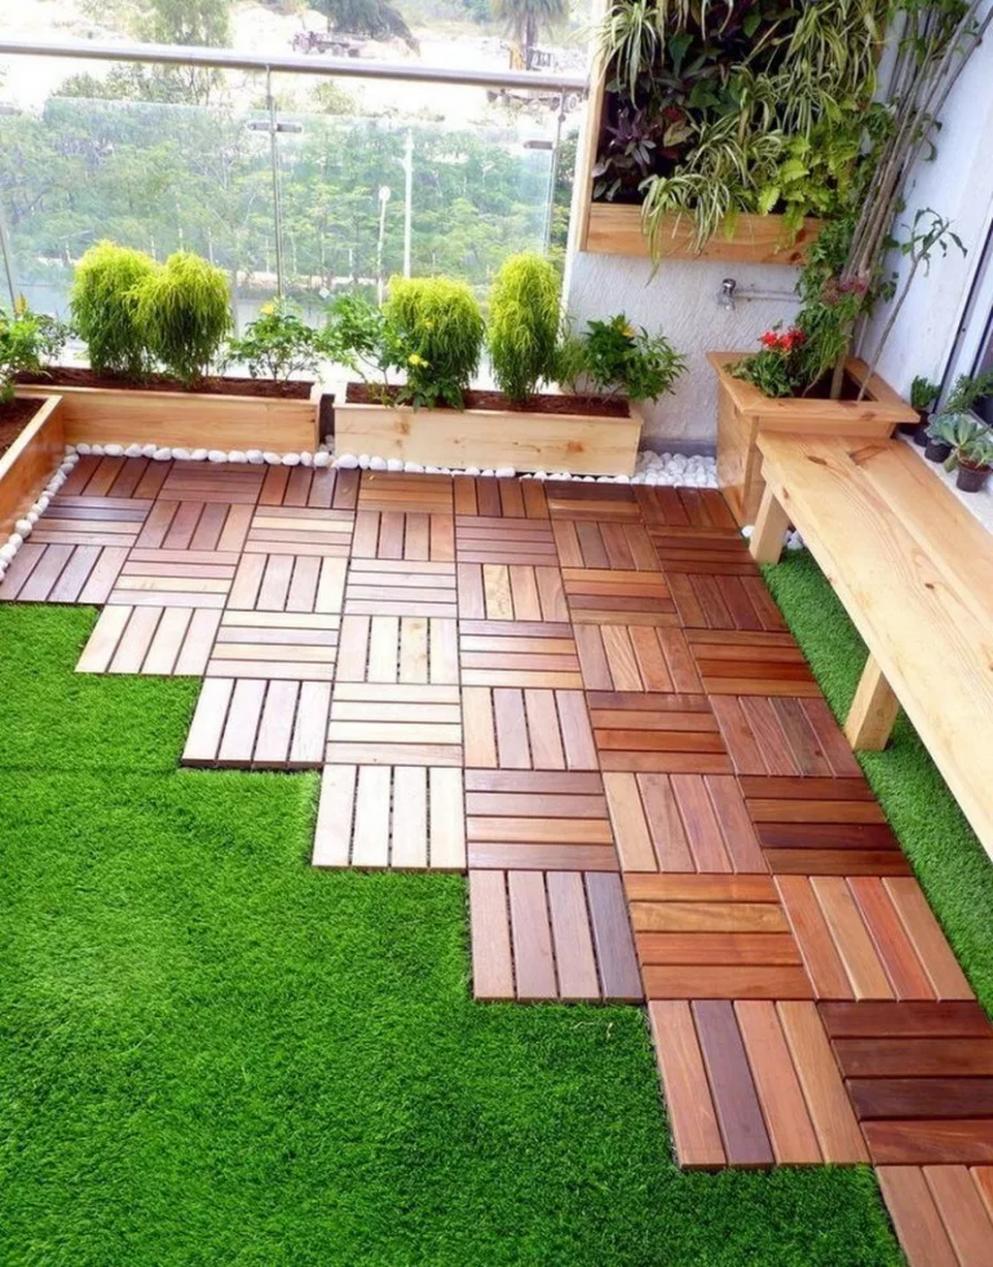 10 Small Apartment Balcony Garden Design Ideas  Backyard  - Apartment Yard Design